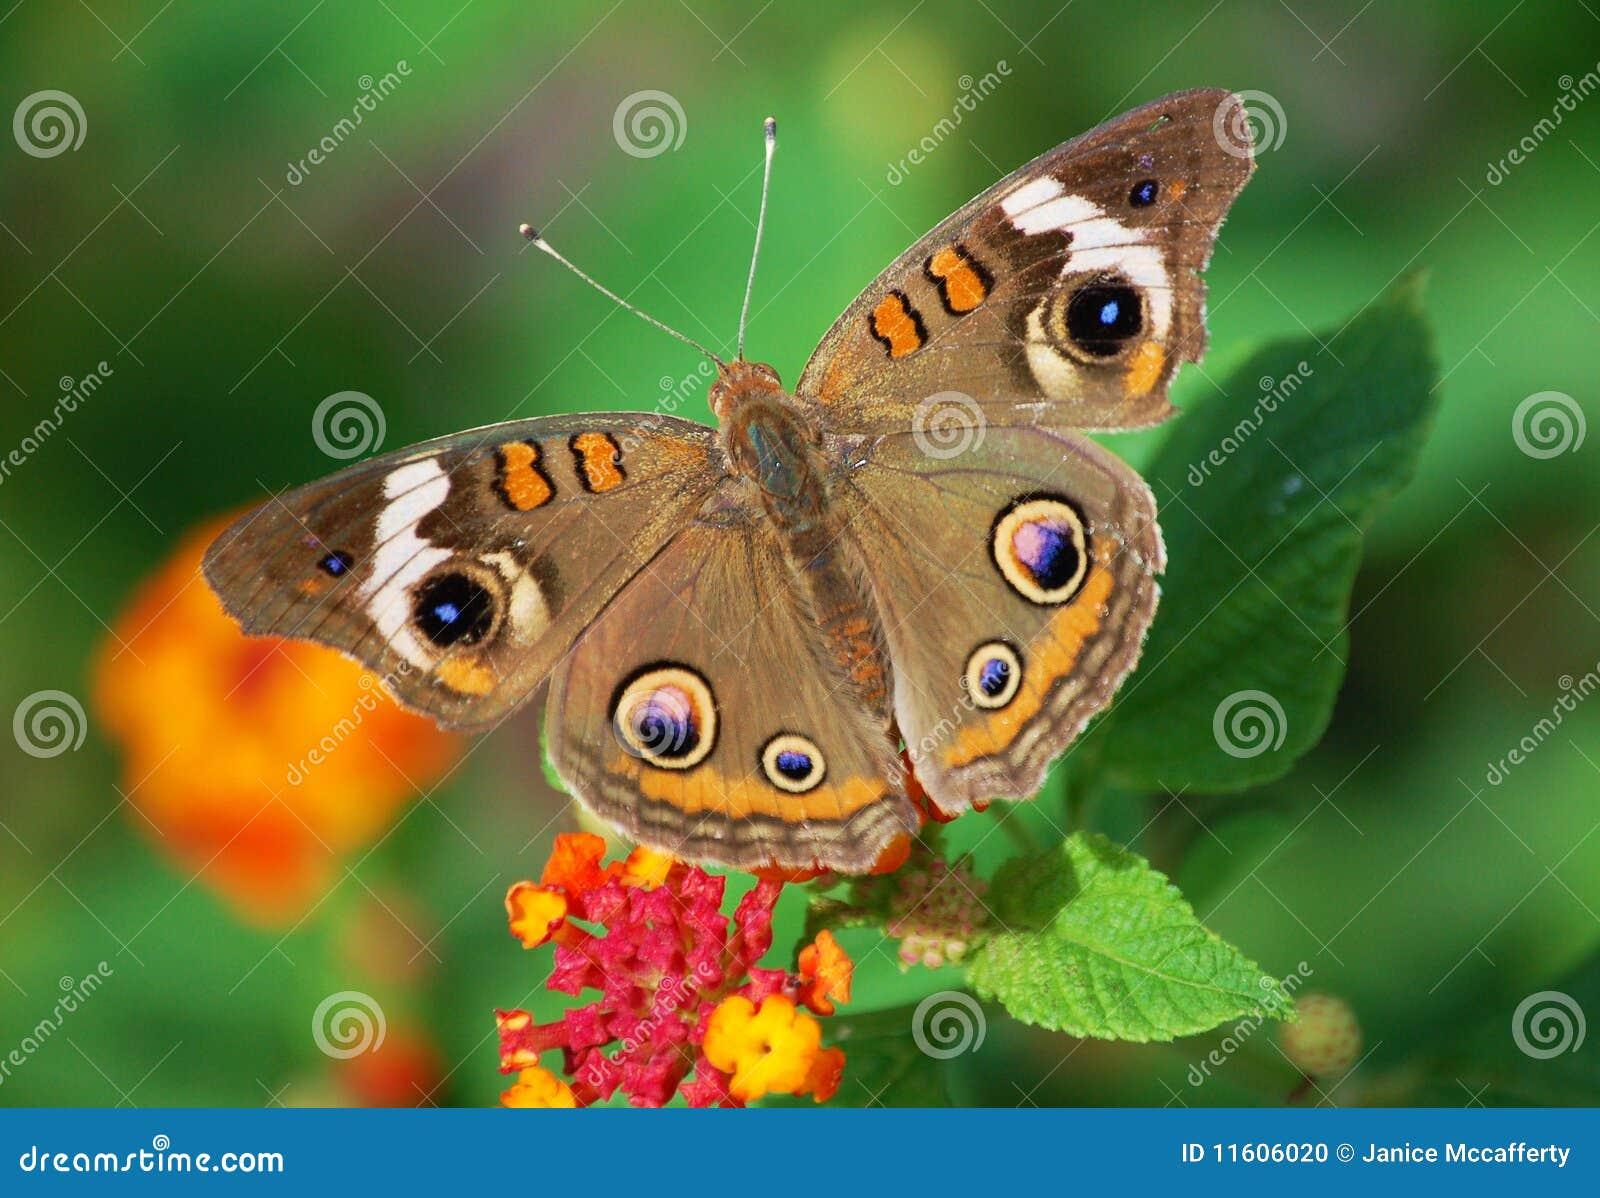 Colorful Buckeye Butterfly